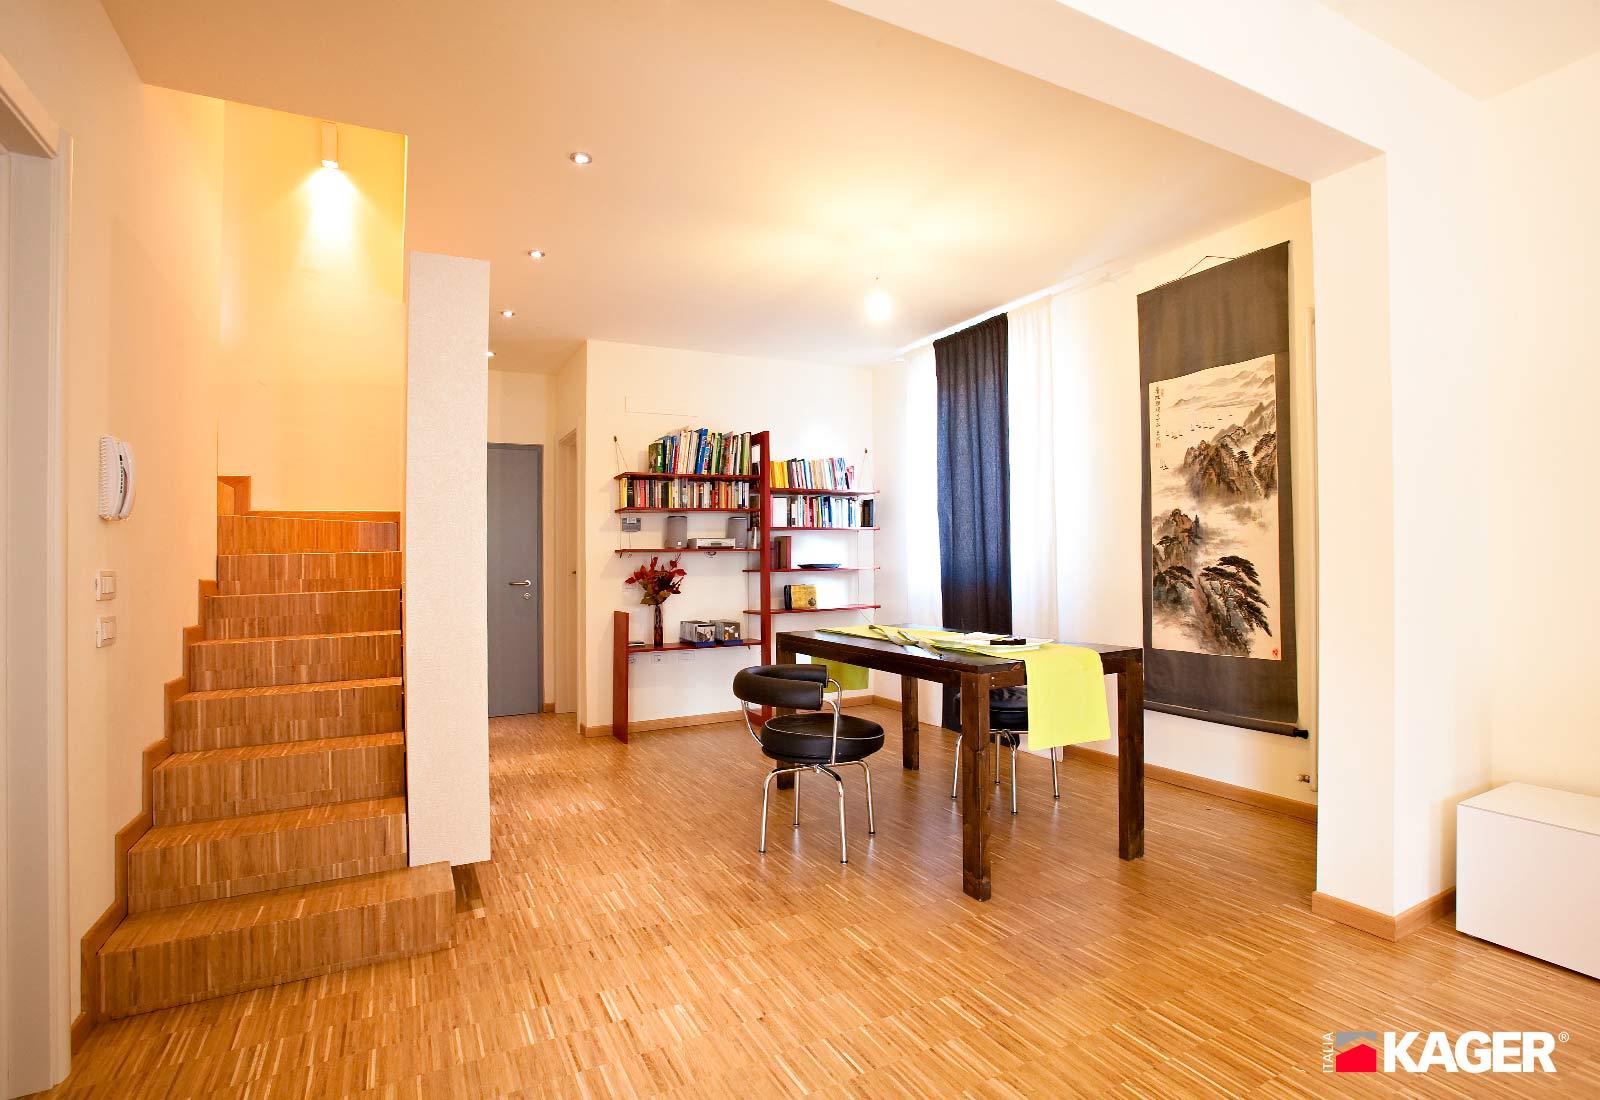 Casa-in-legno-Parma-sopraelevazione-Kager-Italia-06